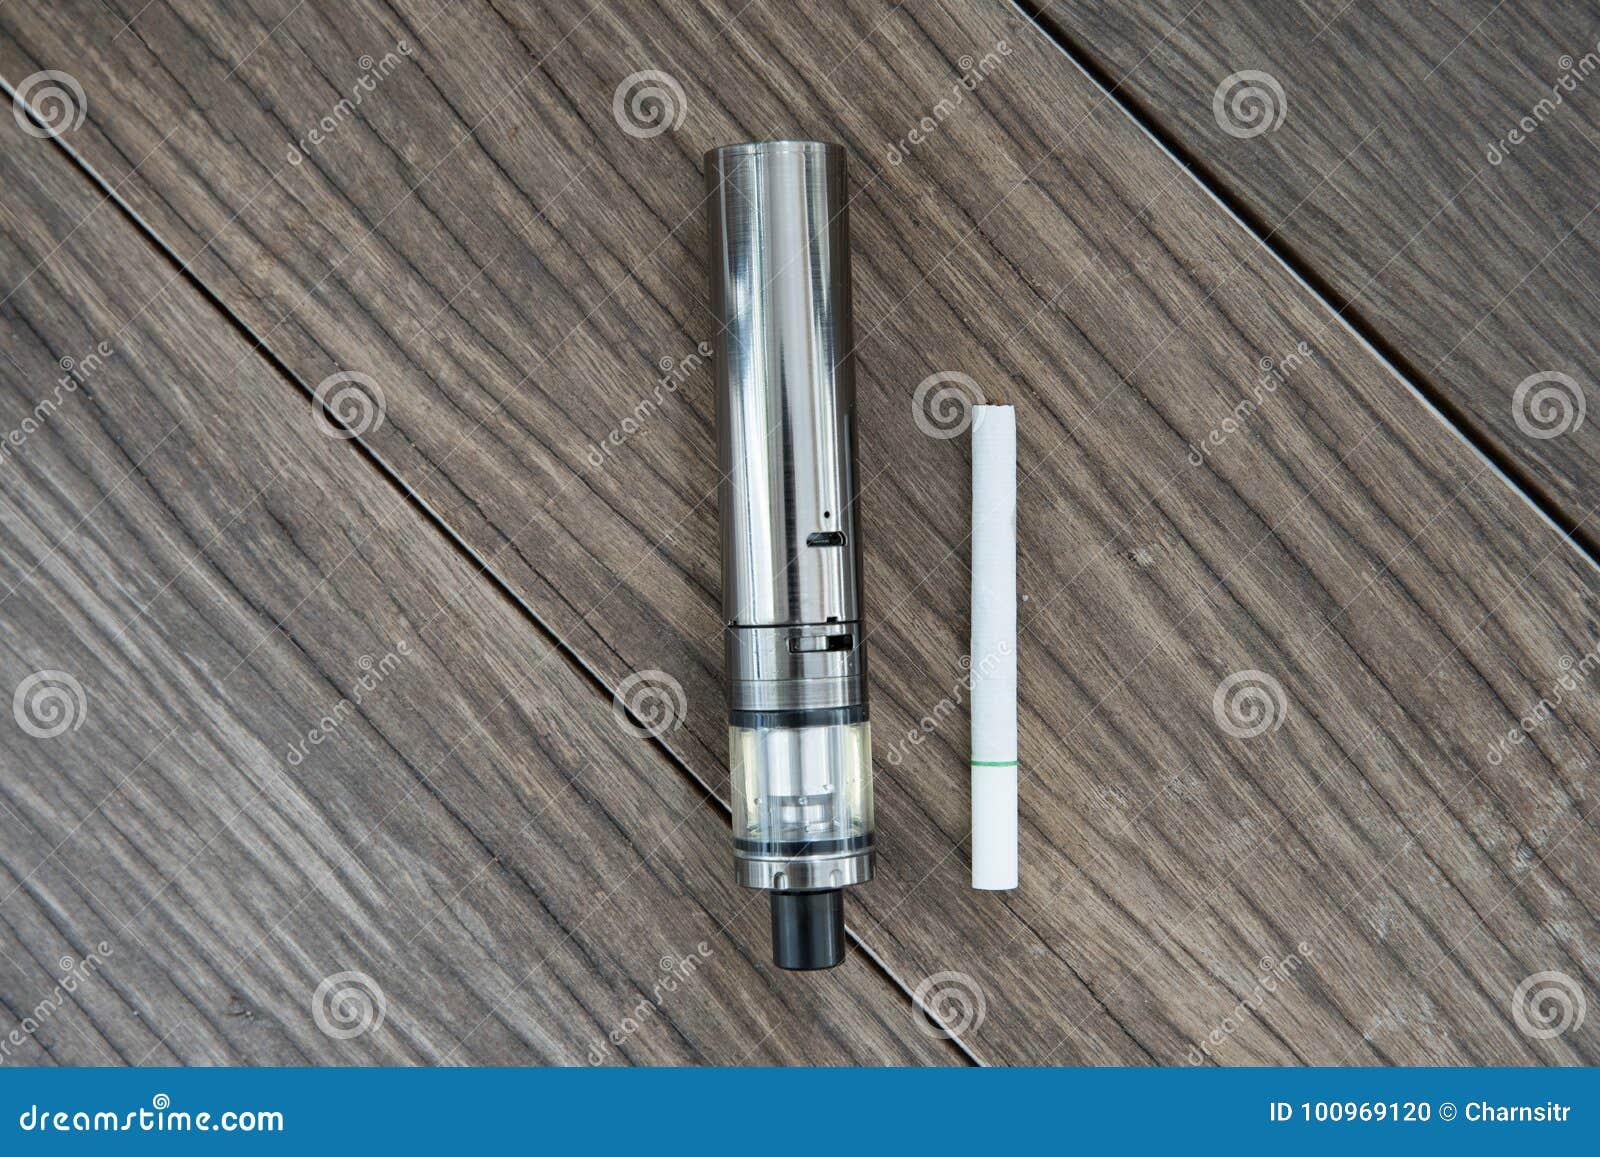 La cigarette électronique avec les cigarettes régulières